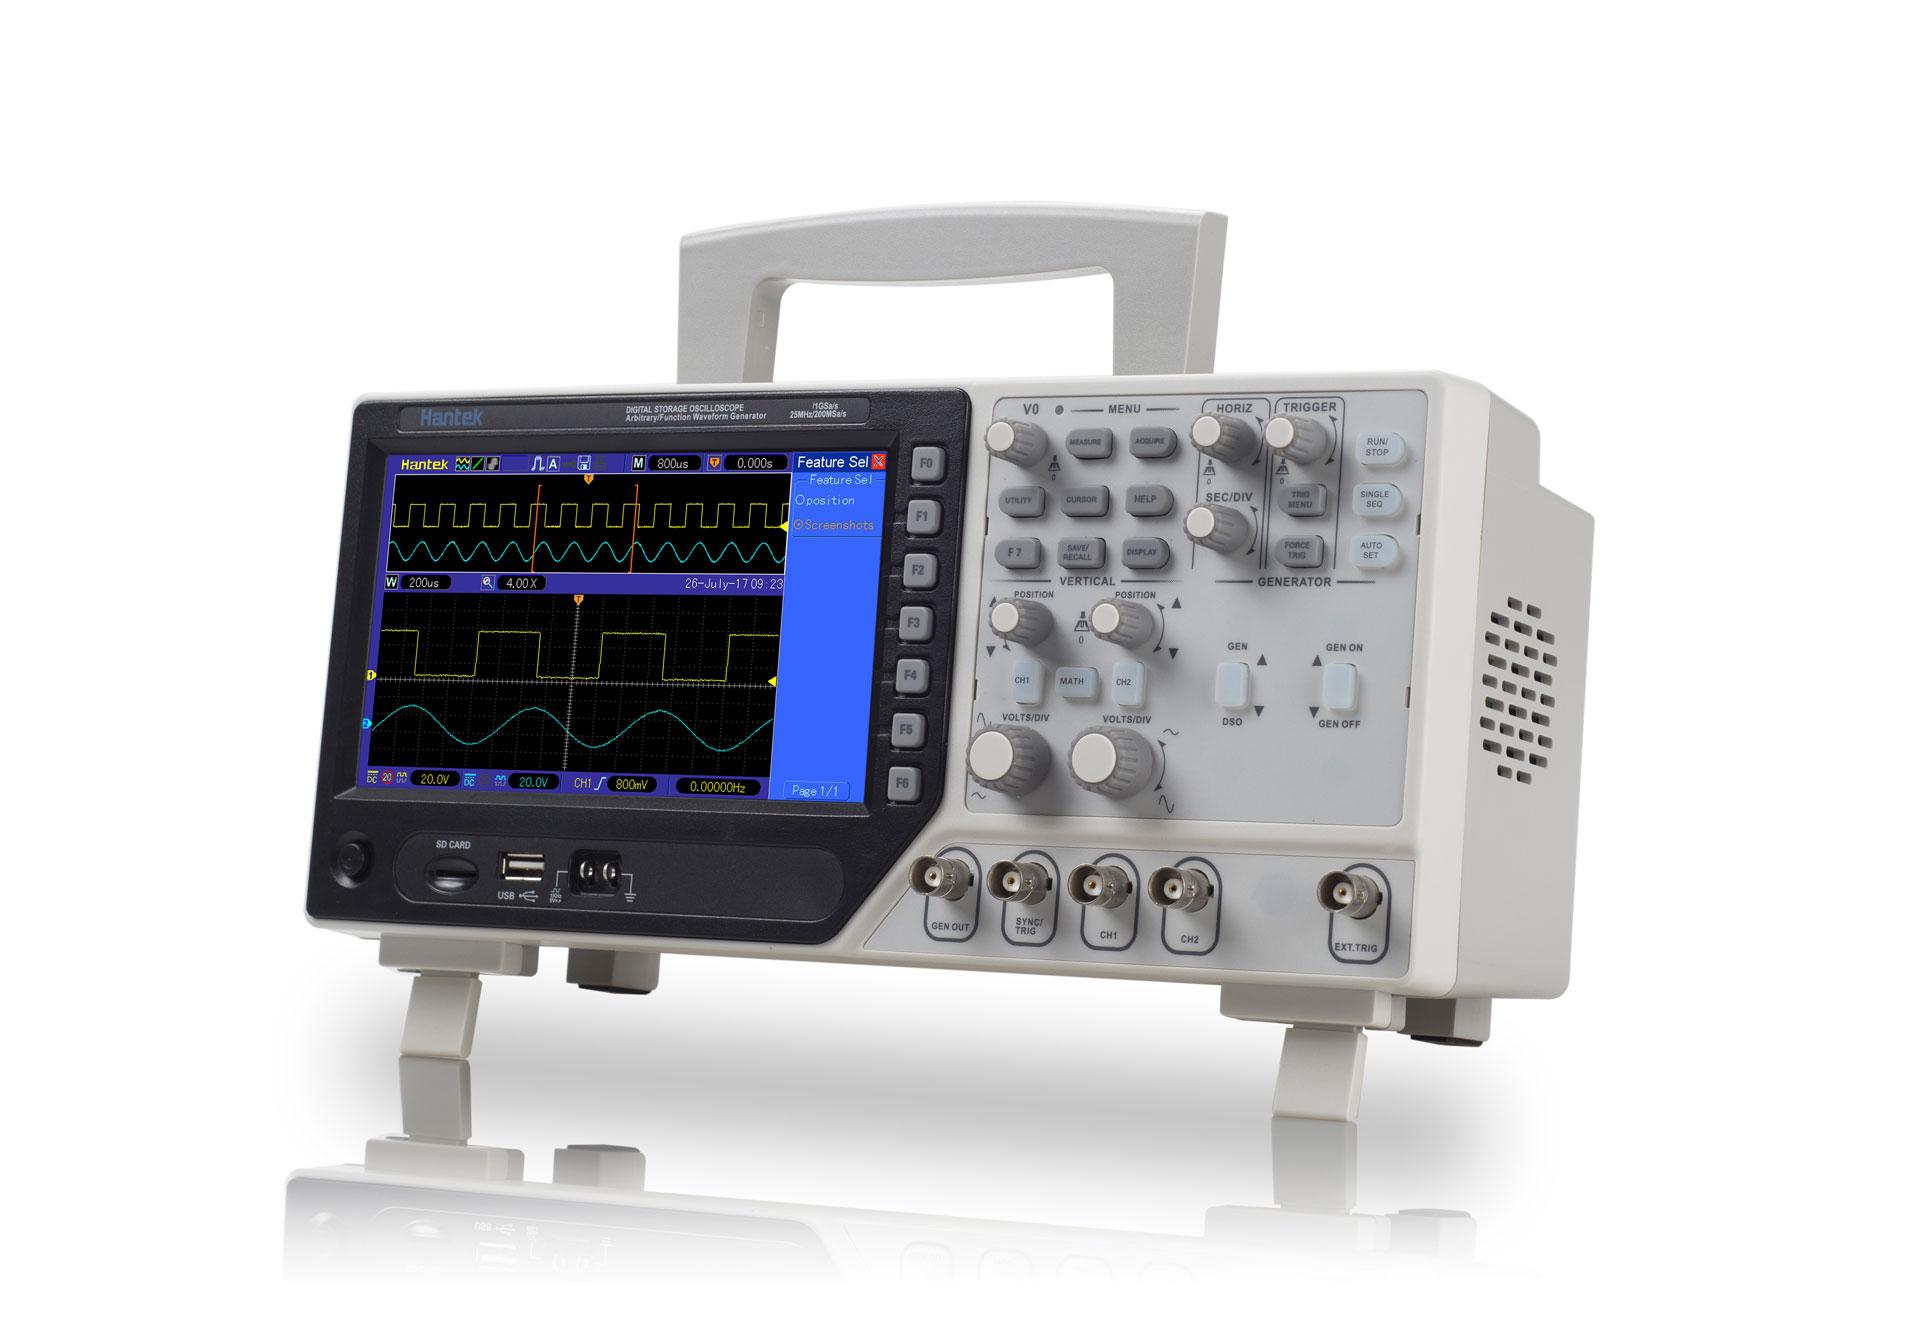 DSO4000C Hantek oscyloskop cyfrowy dwukanałowy z generatorem funkcyjnym DDS 25MHz